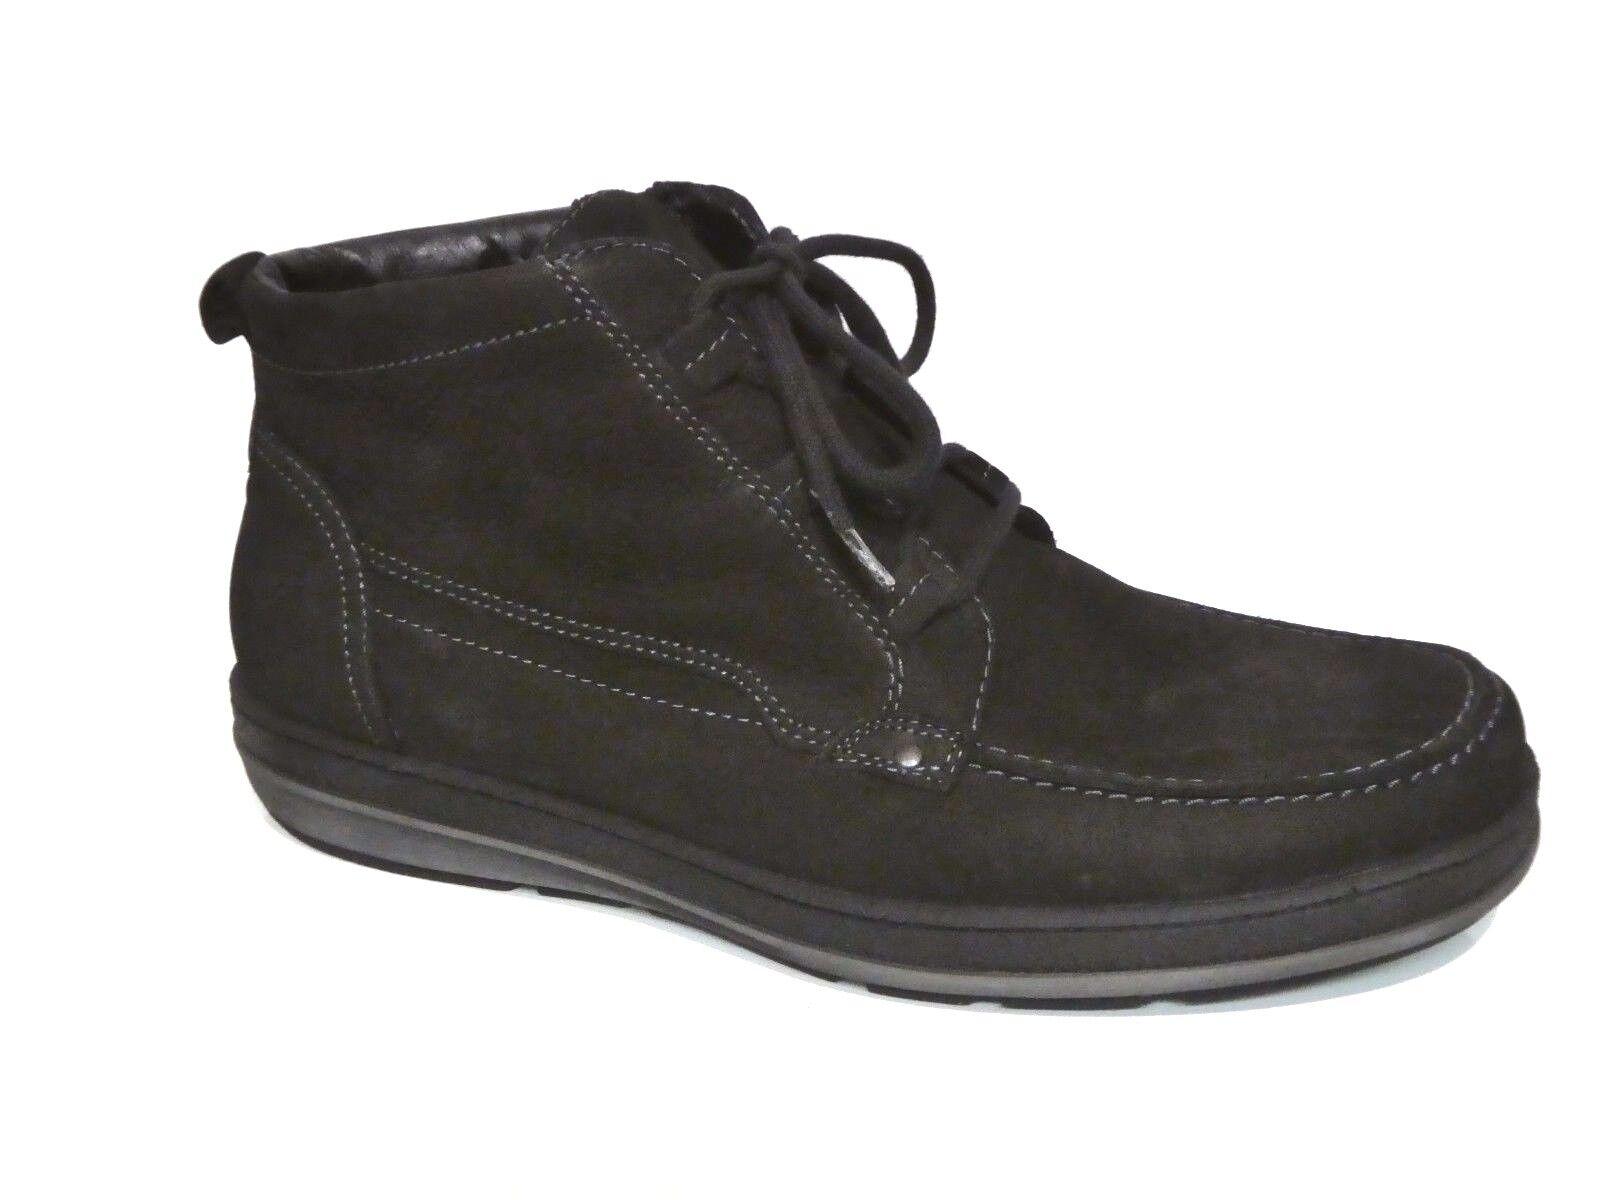 Waldläufer Herren Schuhe Boots Stiefel Warmfutter Havel schwarz Leder Weit NEU